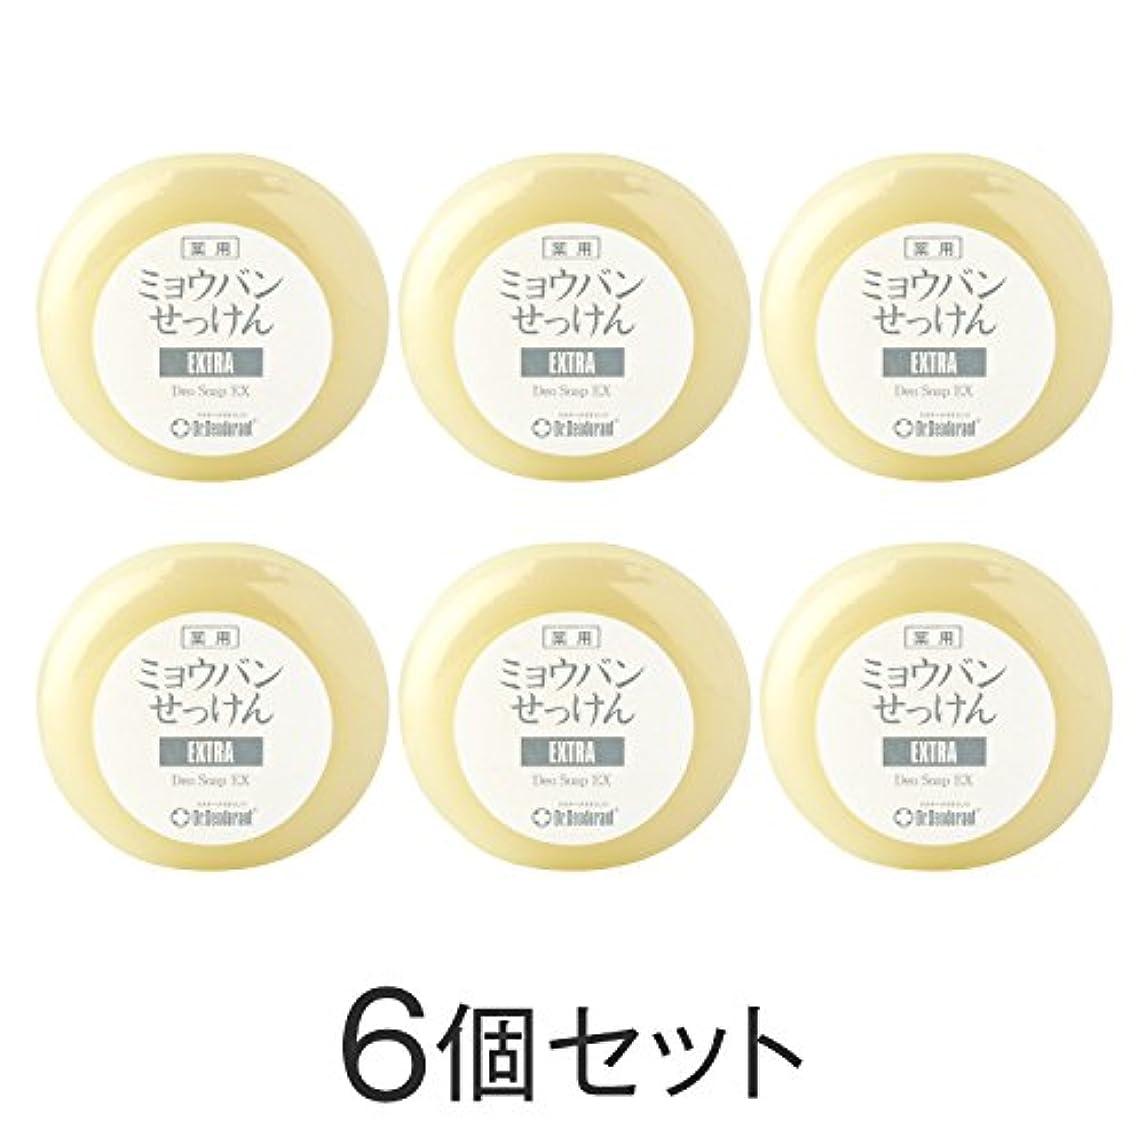 メモ日食ドクターデオドラント 薬用ミョウバンせっけんEX(6個セット)